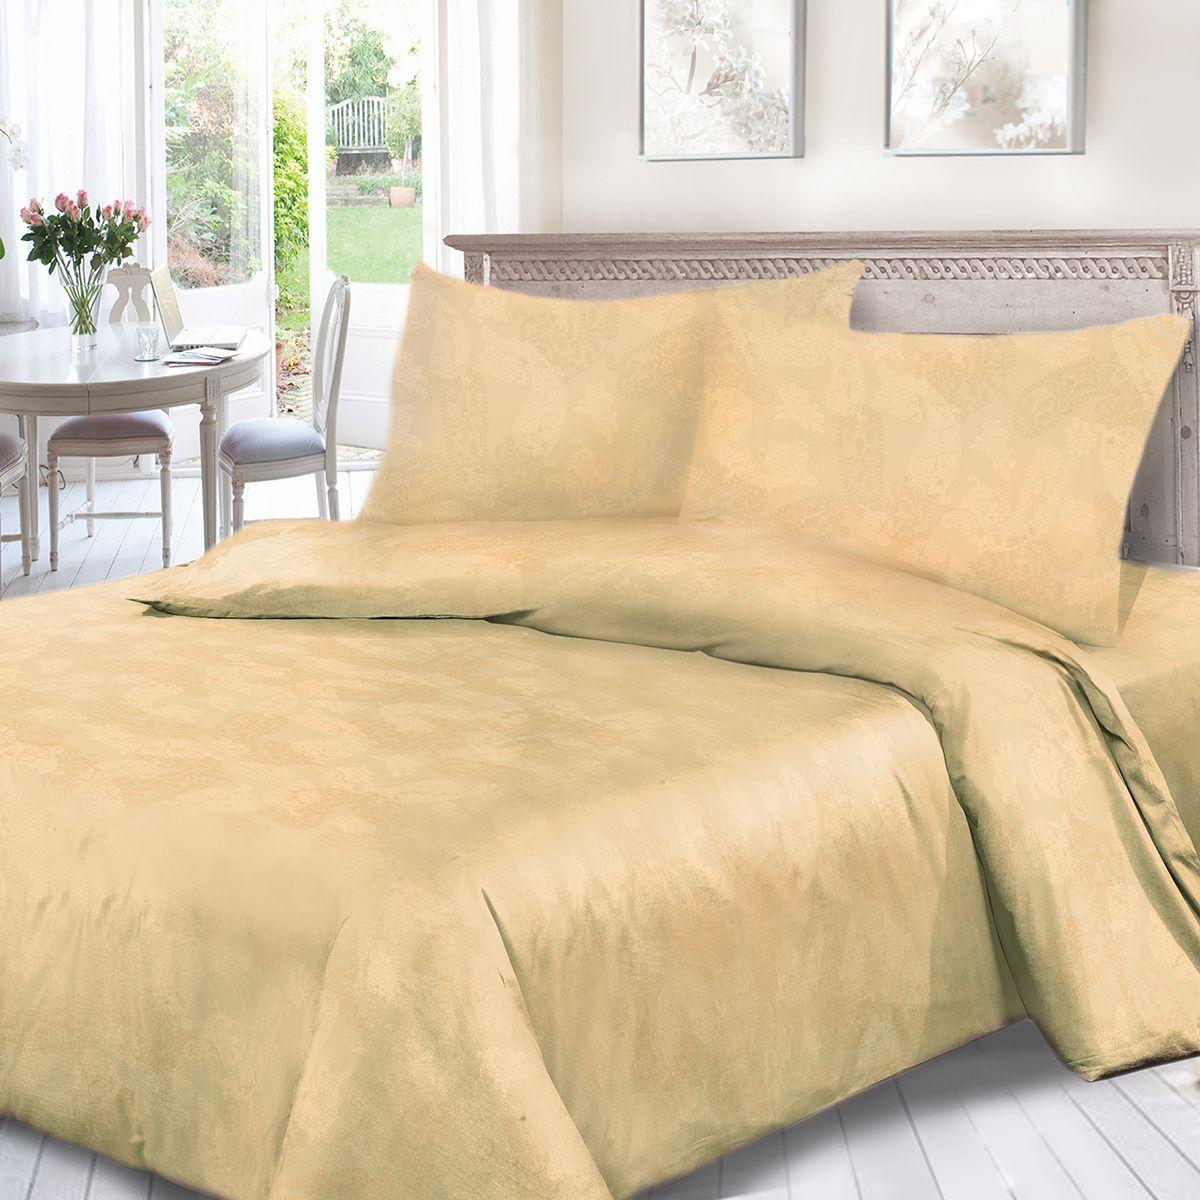 Комплект белья Сорренто Жаккард, семейный, наволочки 70x70, цвет: бежевый. 3558-280288